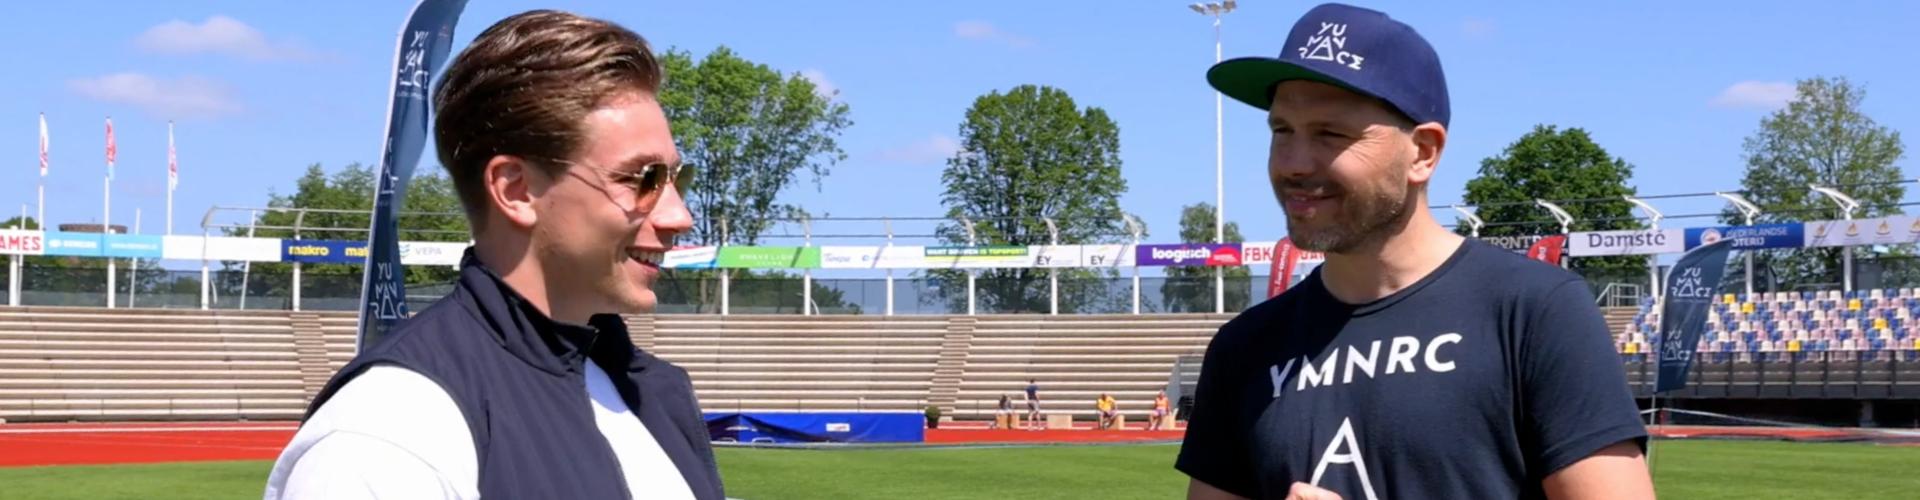 Bas Wispels van YU MAN RACE over de 3+ jarige samenwerking met Online Domineren